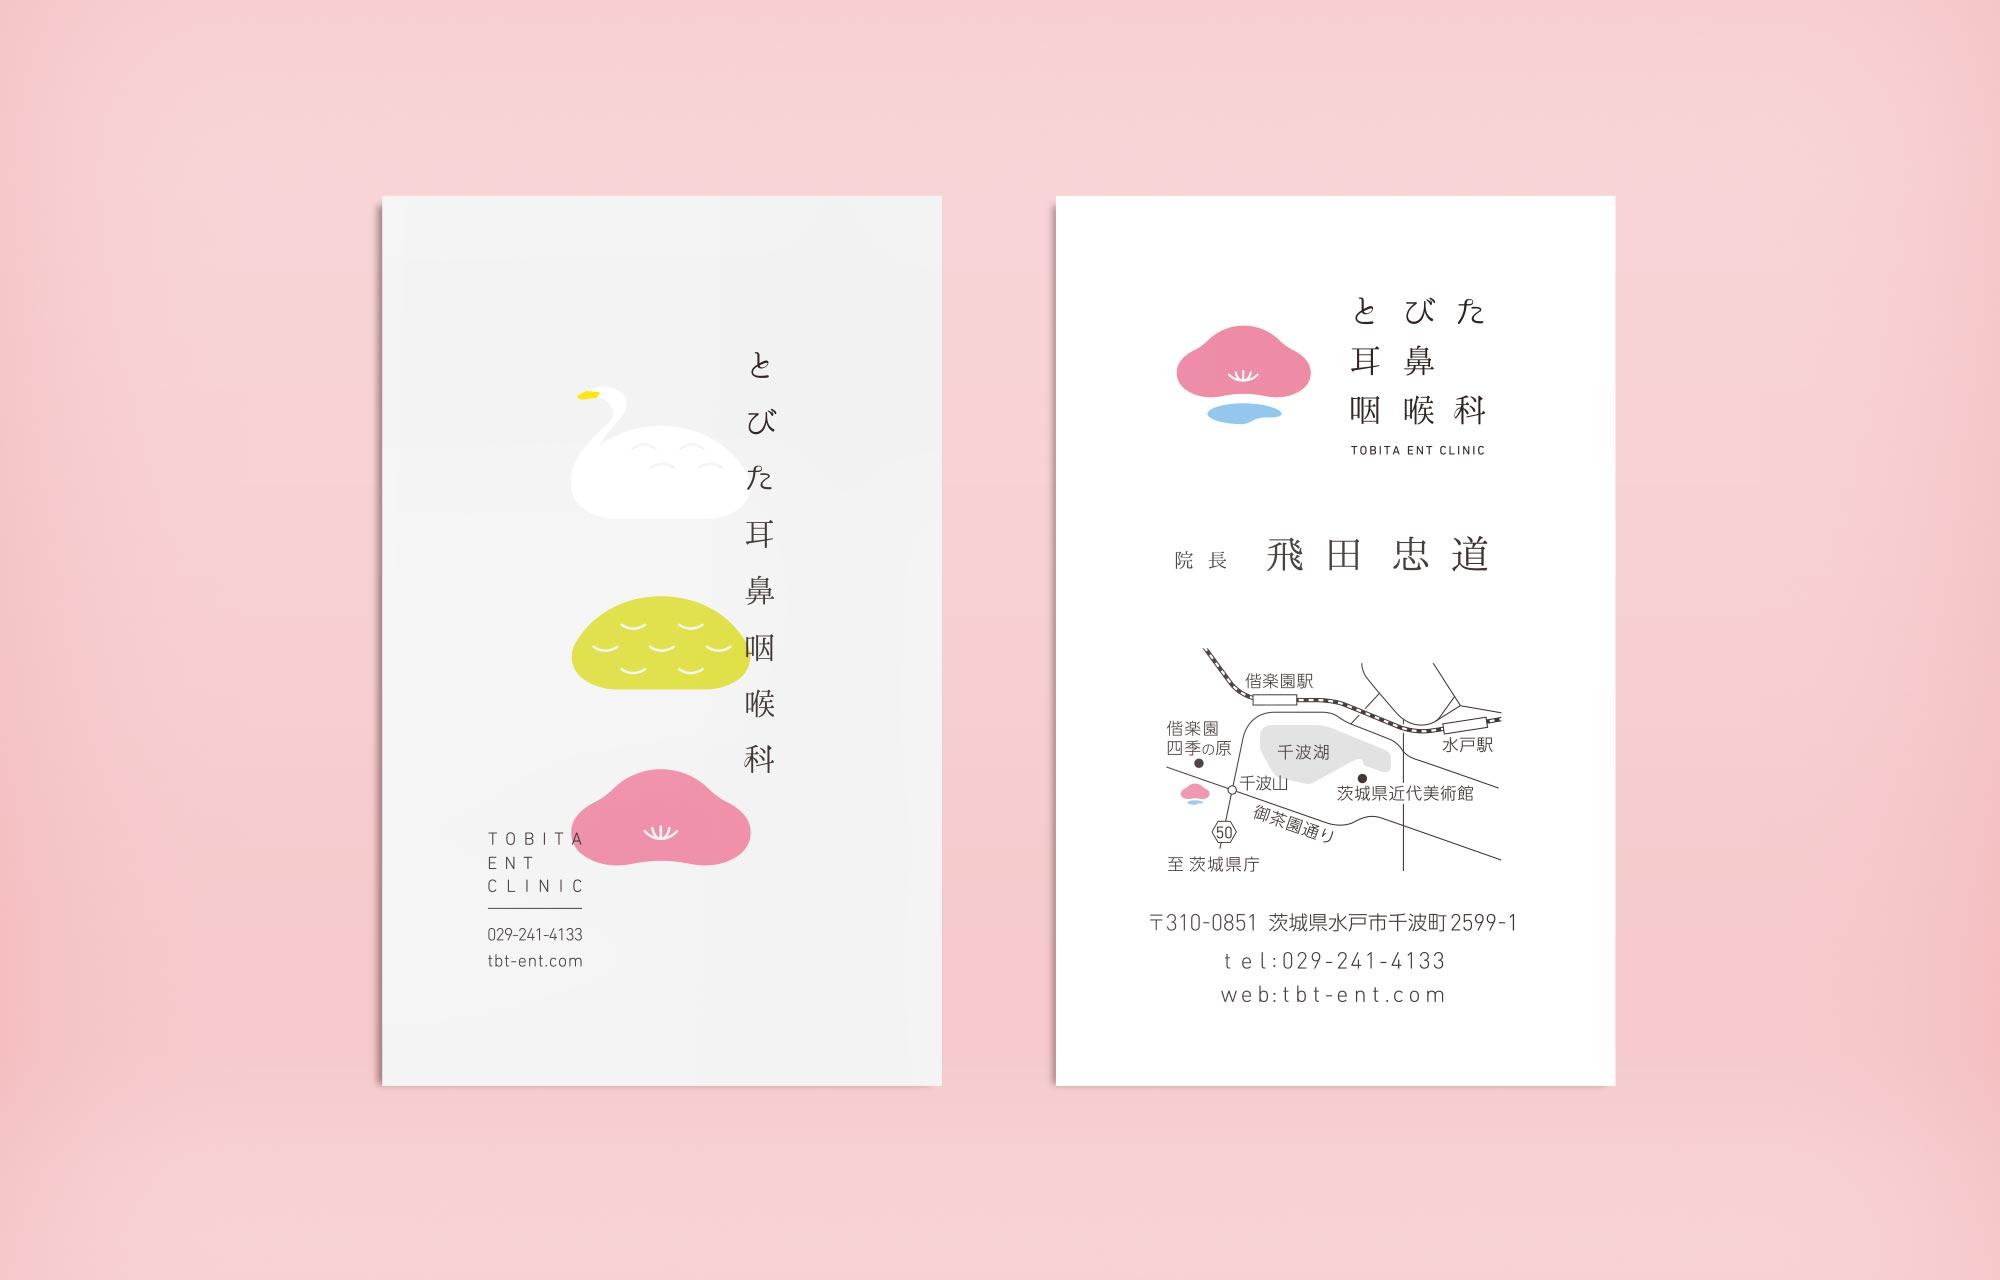 とびた耳鼻咽喉科様|名刺デザイン/クリニックカードデザイン